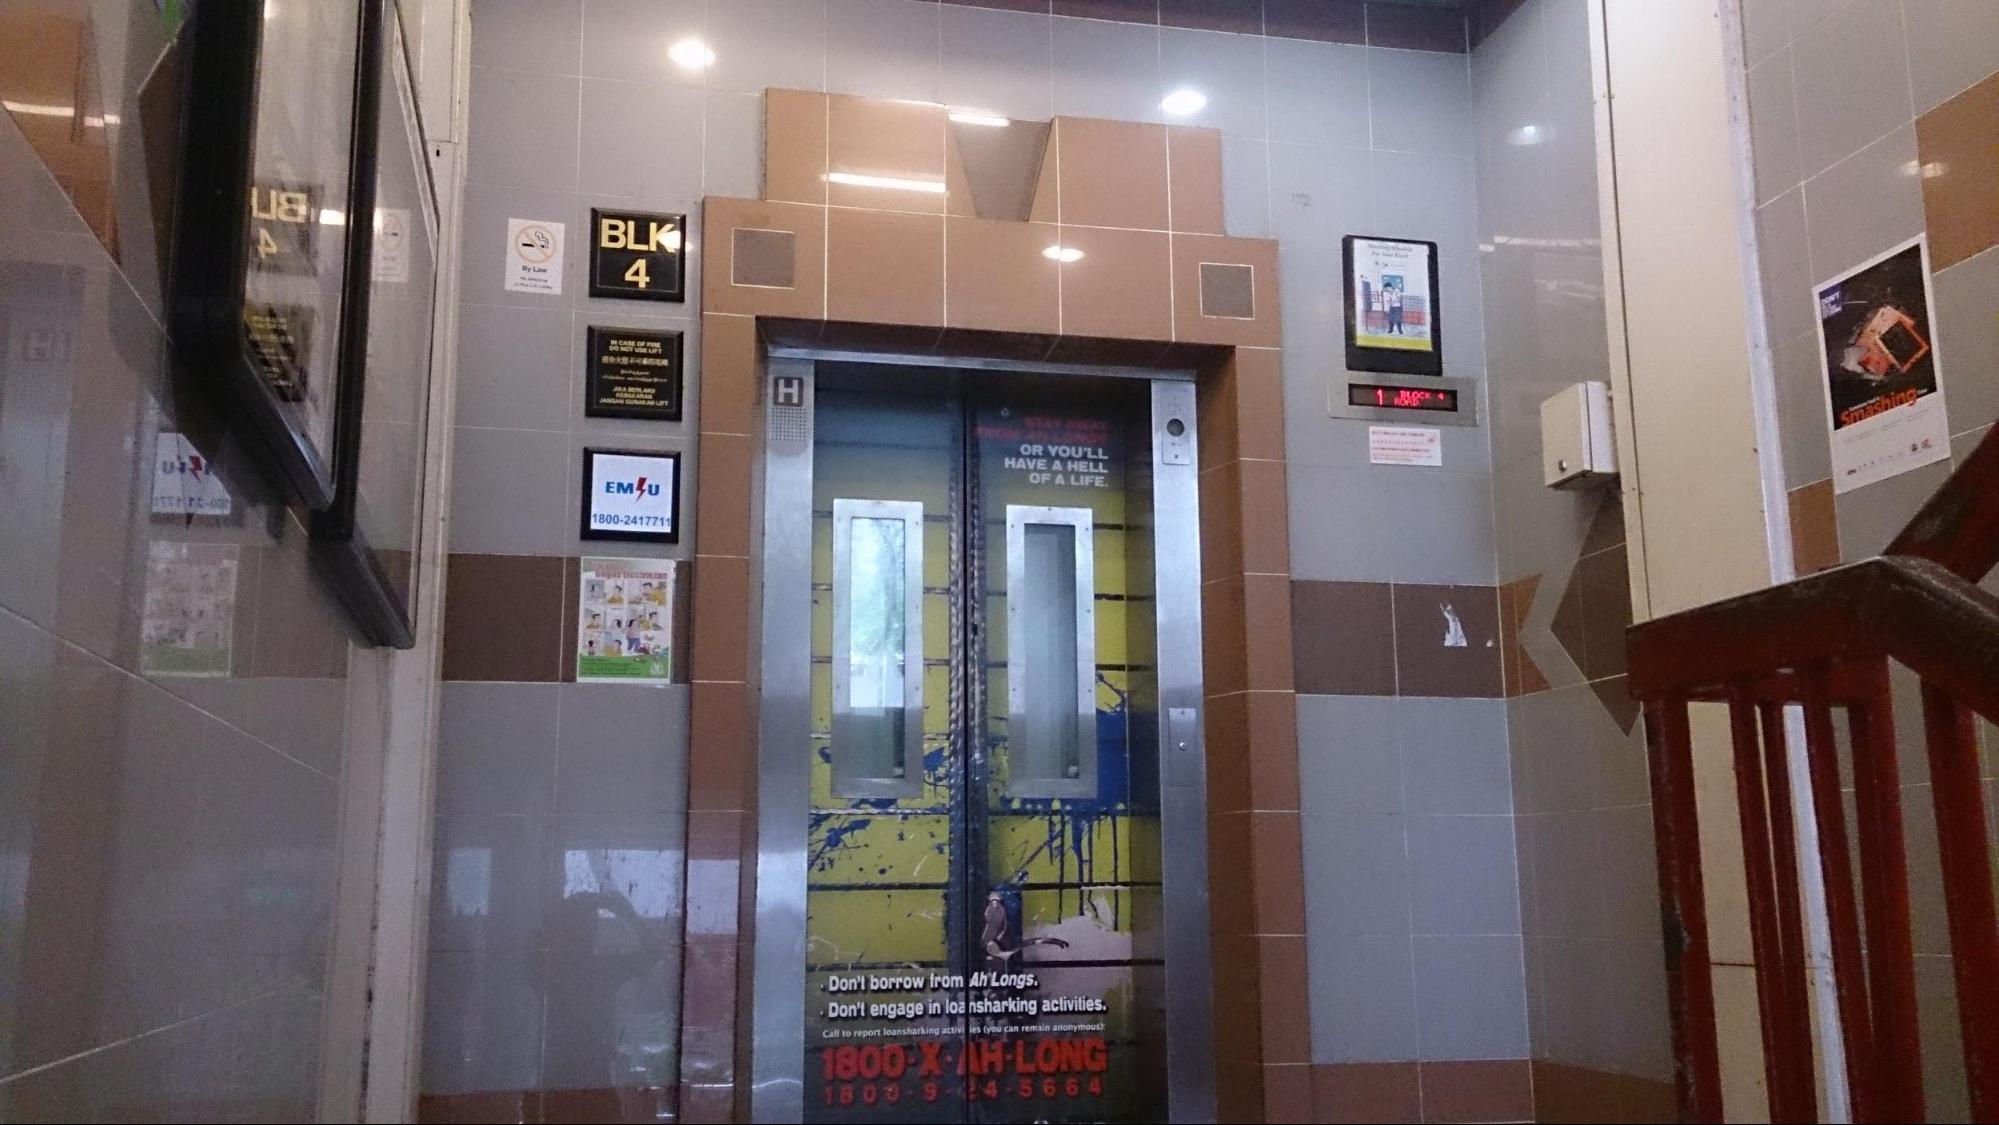 HDB lift